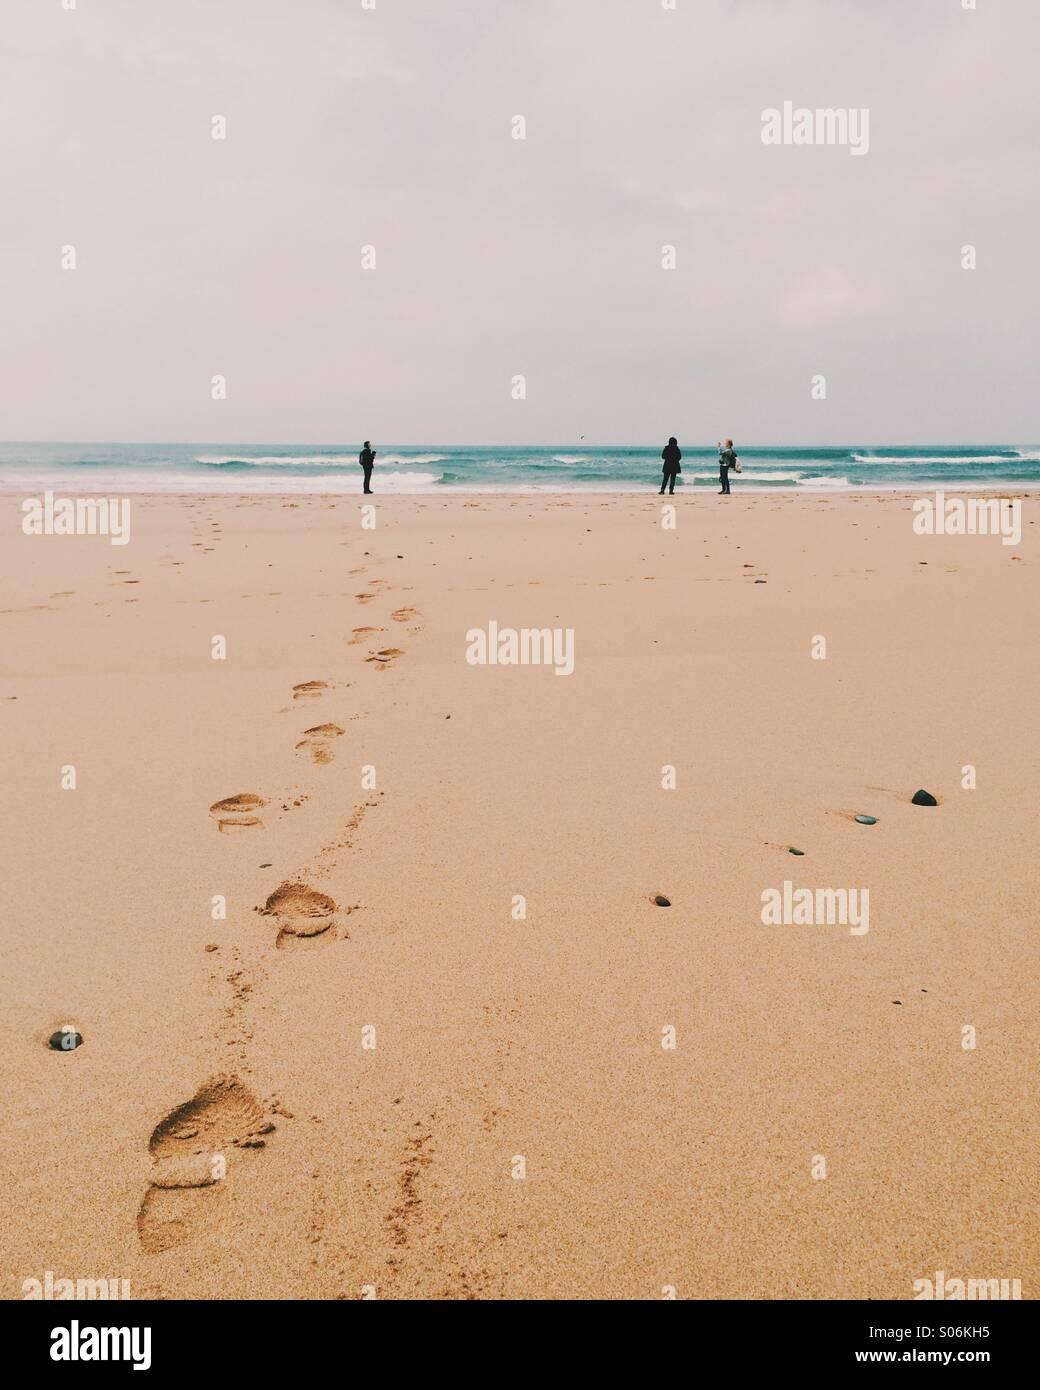 Tres personas en una playa Imagen De Stock